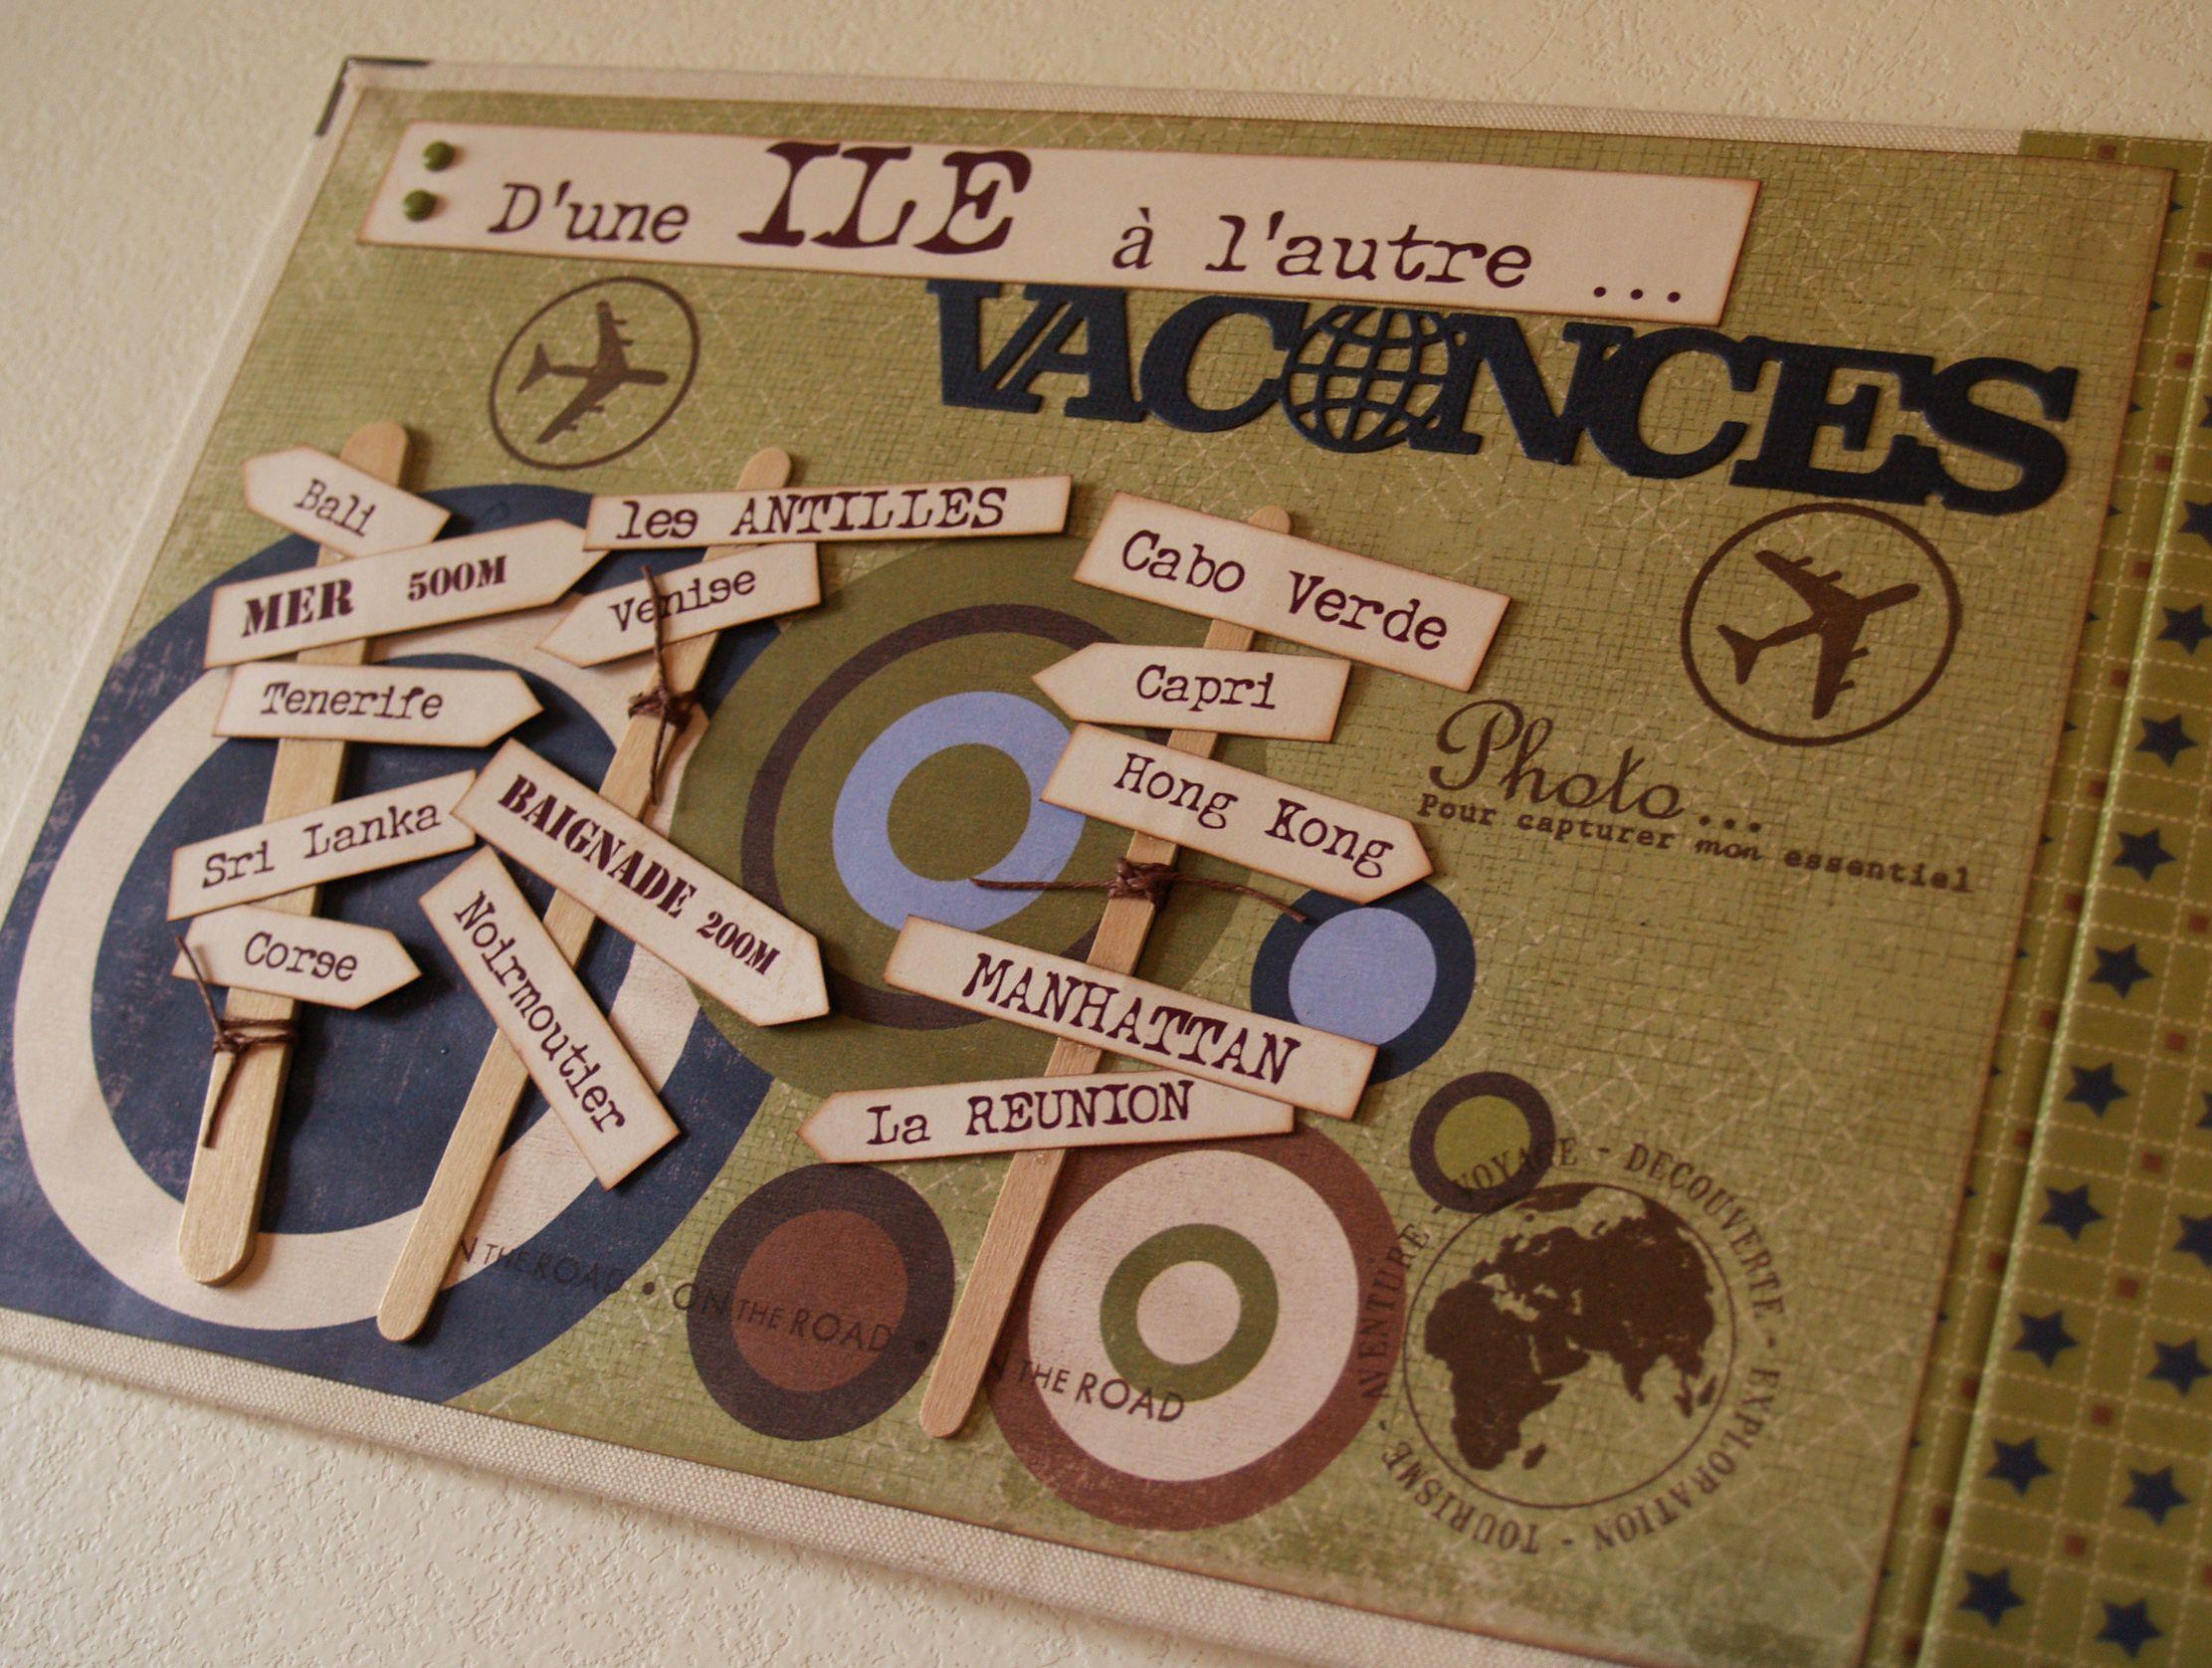 Hervorragend Album « d'une île à l'autre » | Scrap, Scrapbooking and Album QD94